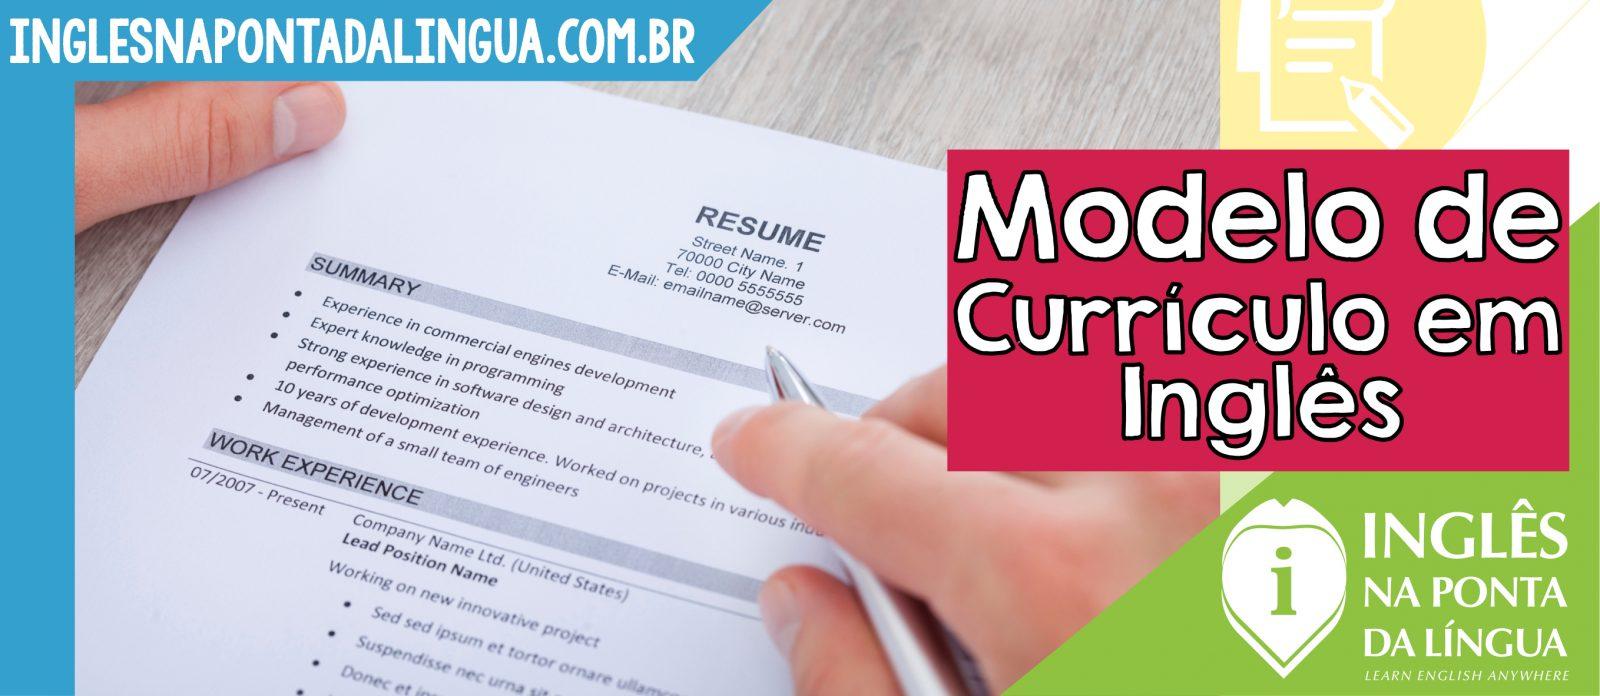 Modelo de Currículo em Inglês